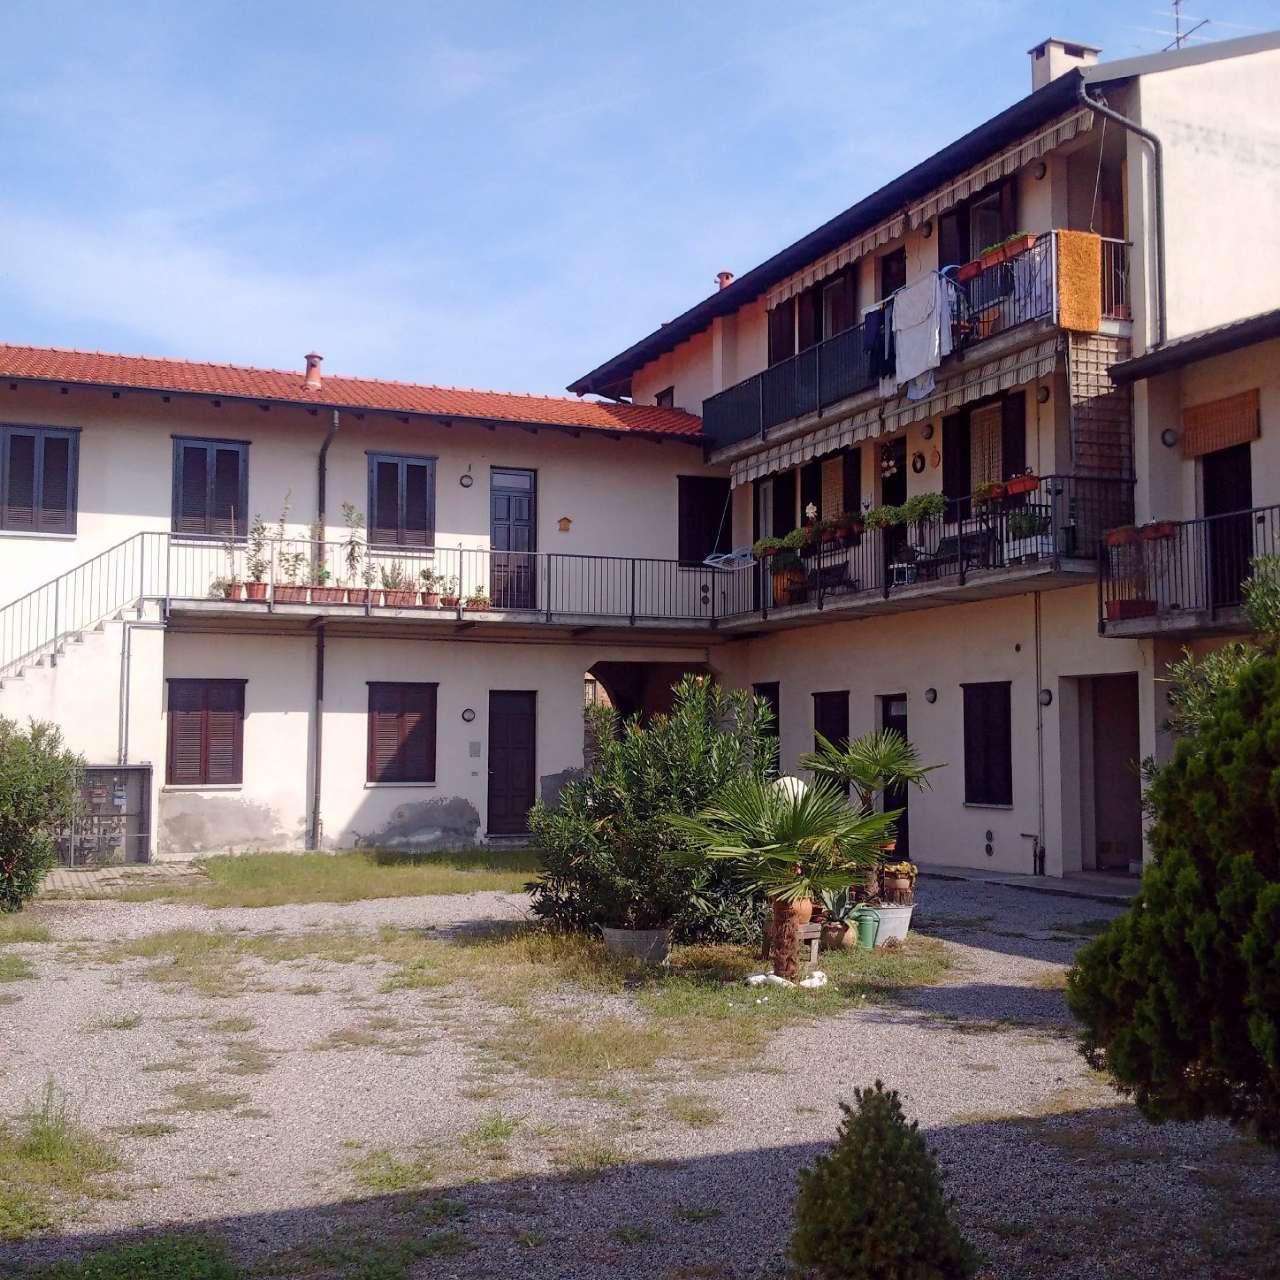 Appartamento in vendita a Gorla Minore, 2 locali, prezzo € 66.000 | Cambio Casa.it